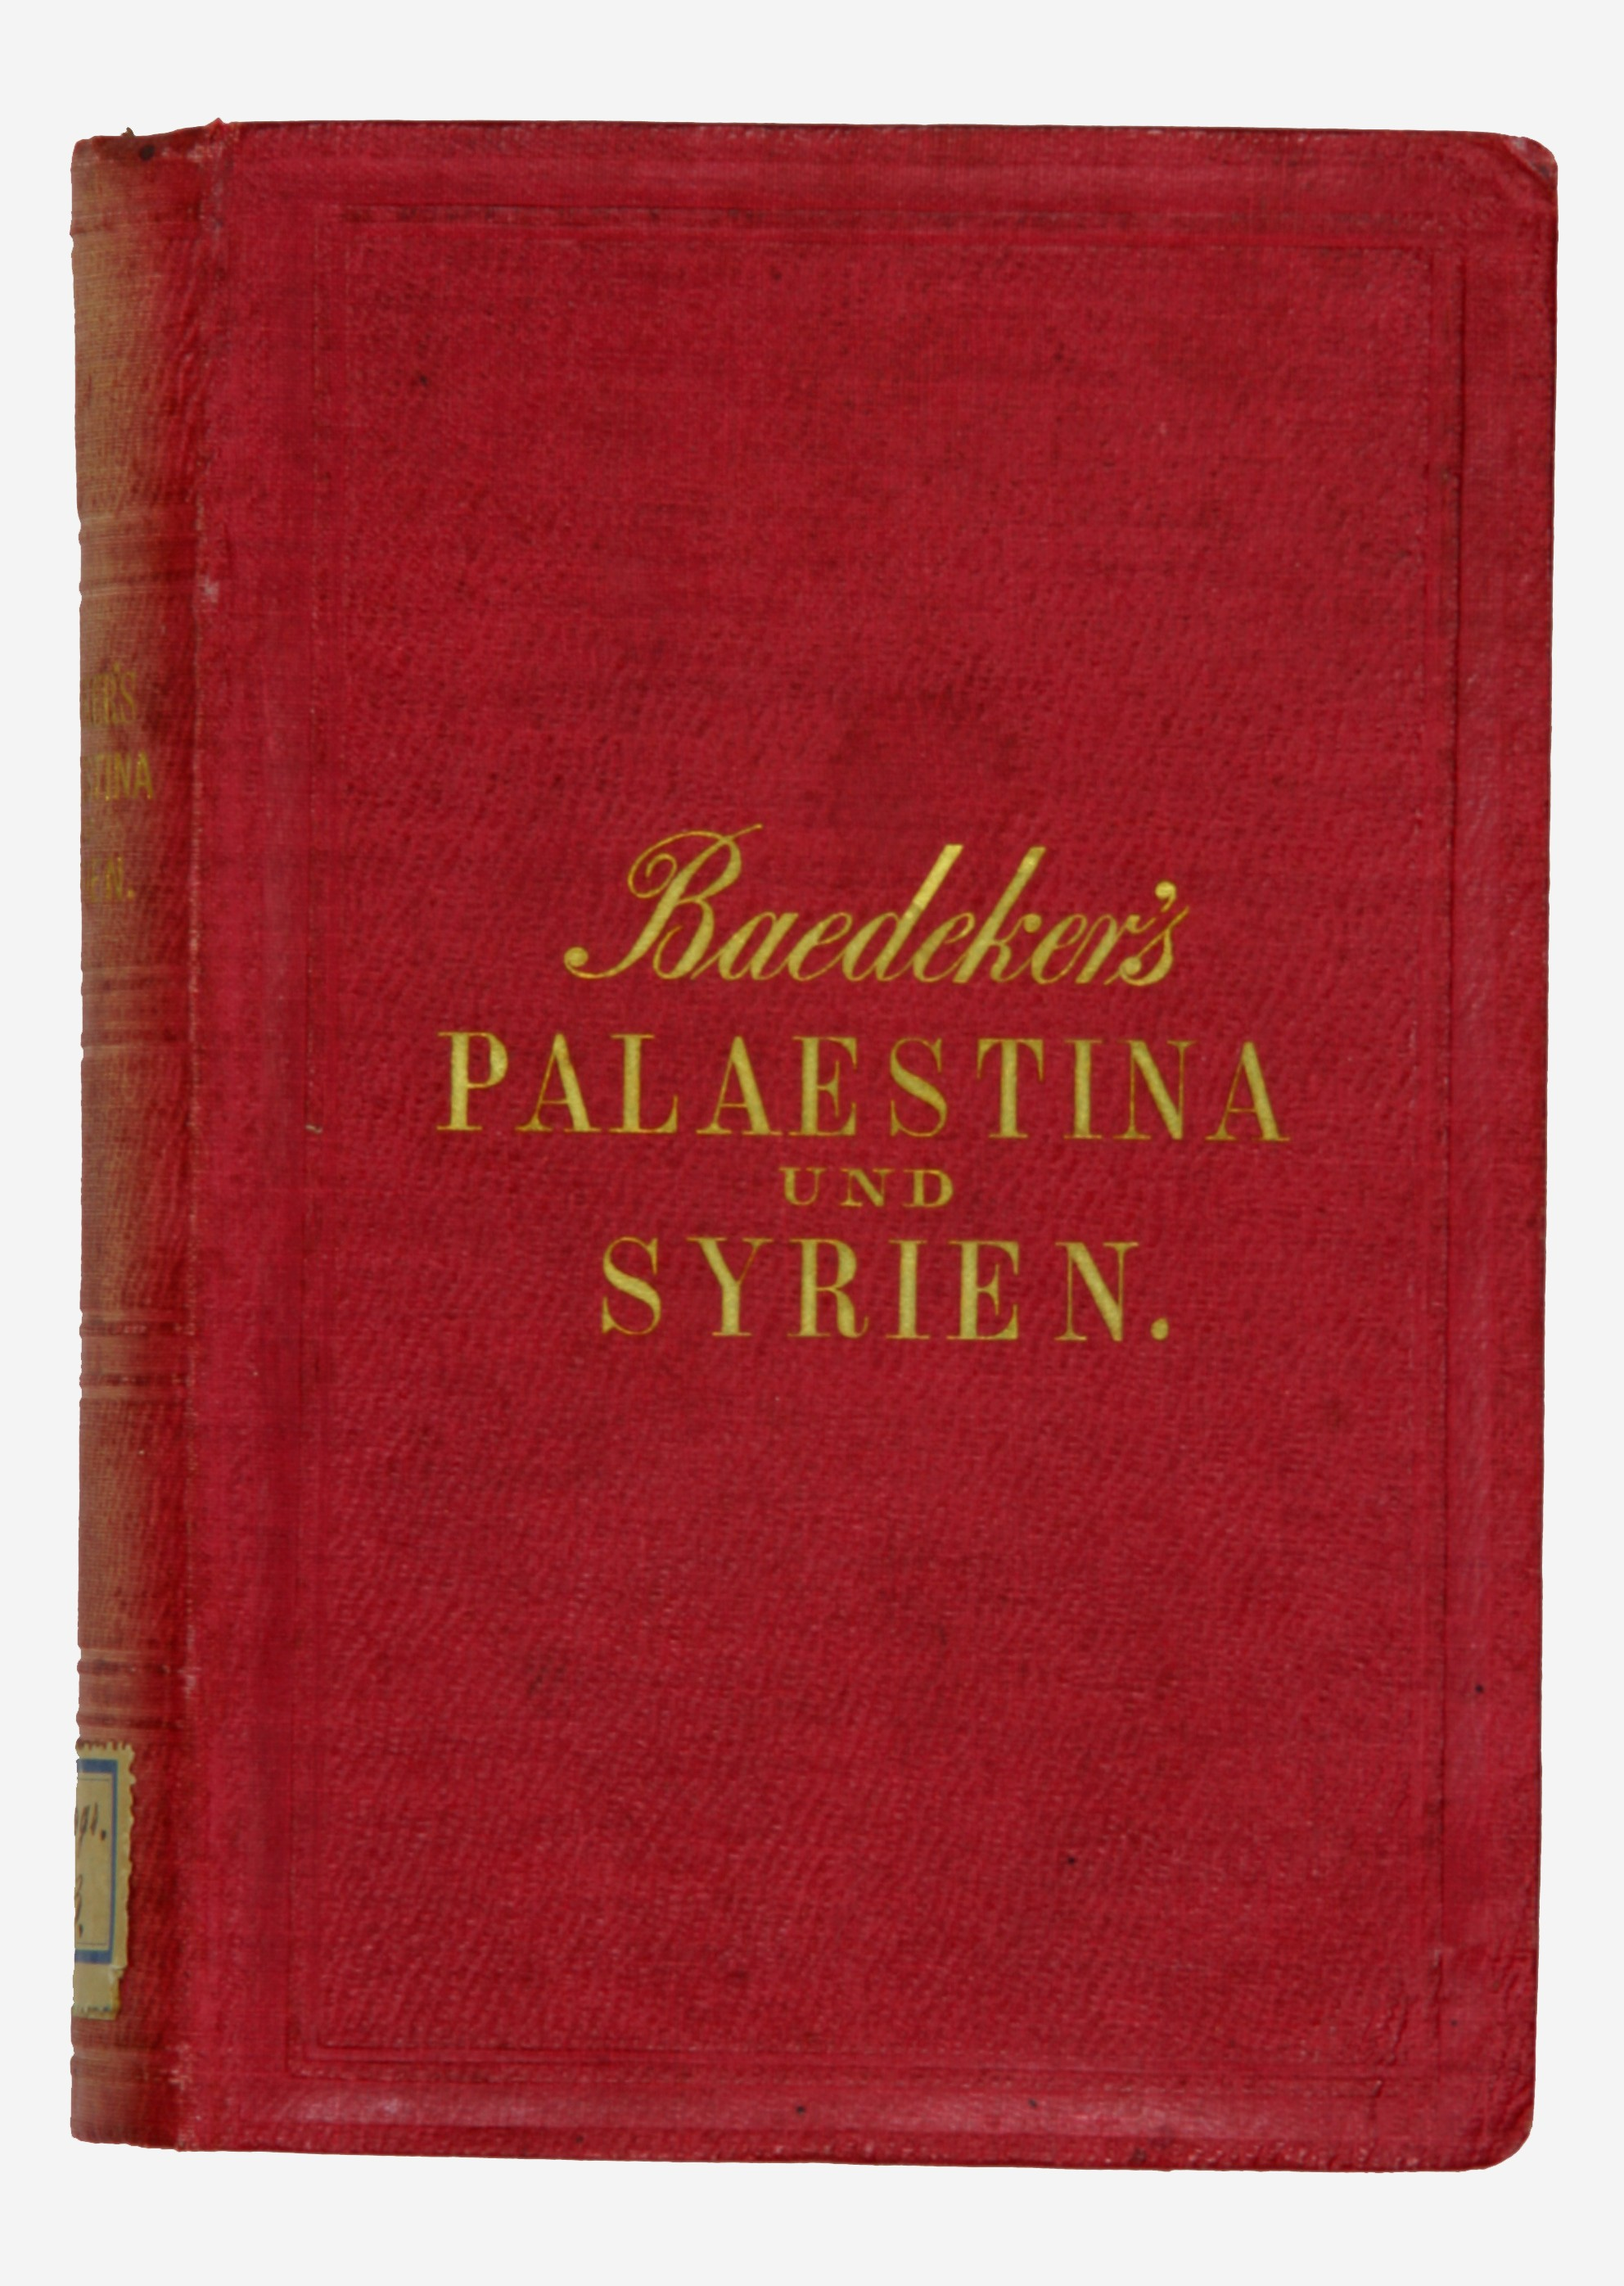 Palaestina und Syrien. Handbuch für Reisende herausgegeben von K. Bædeker.